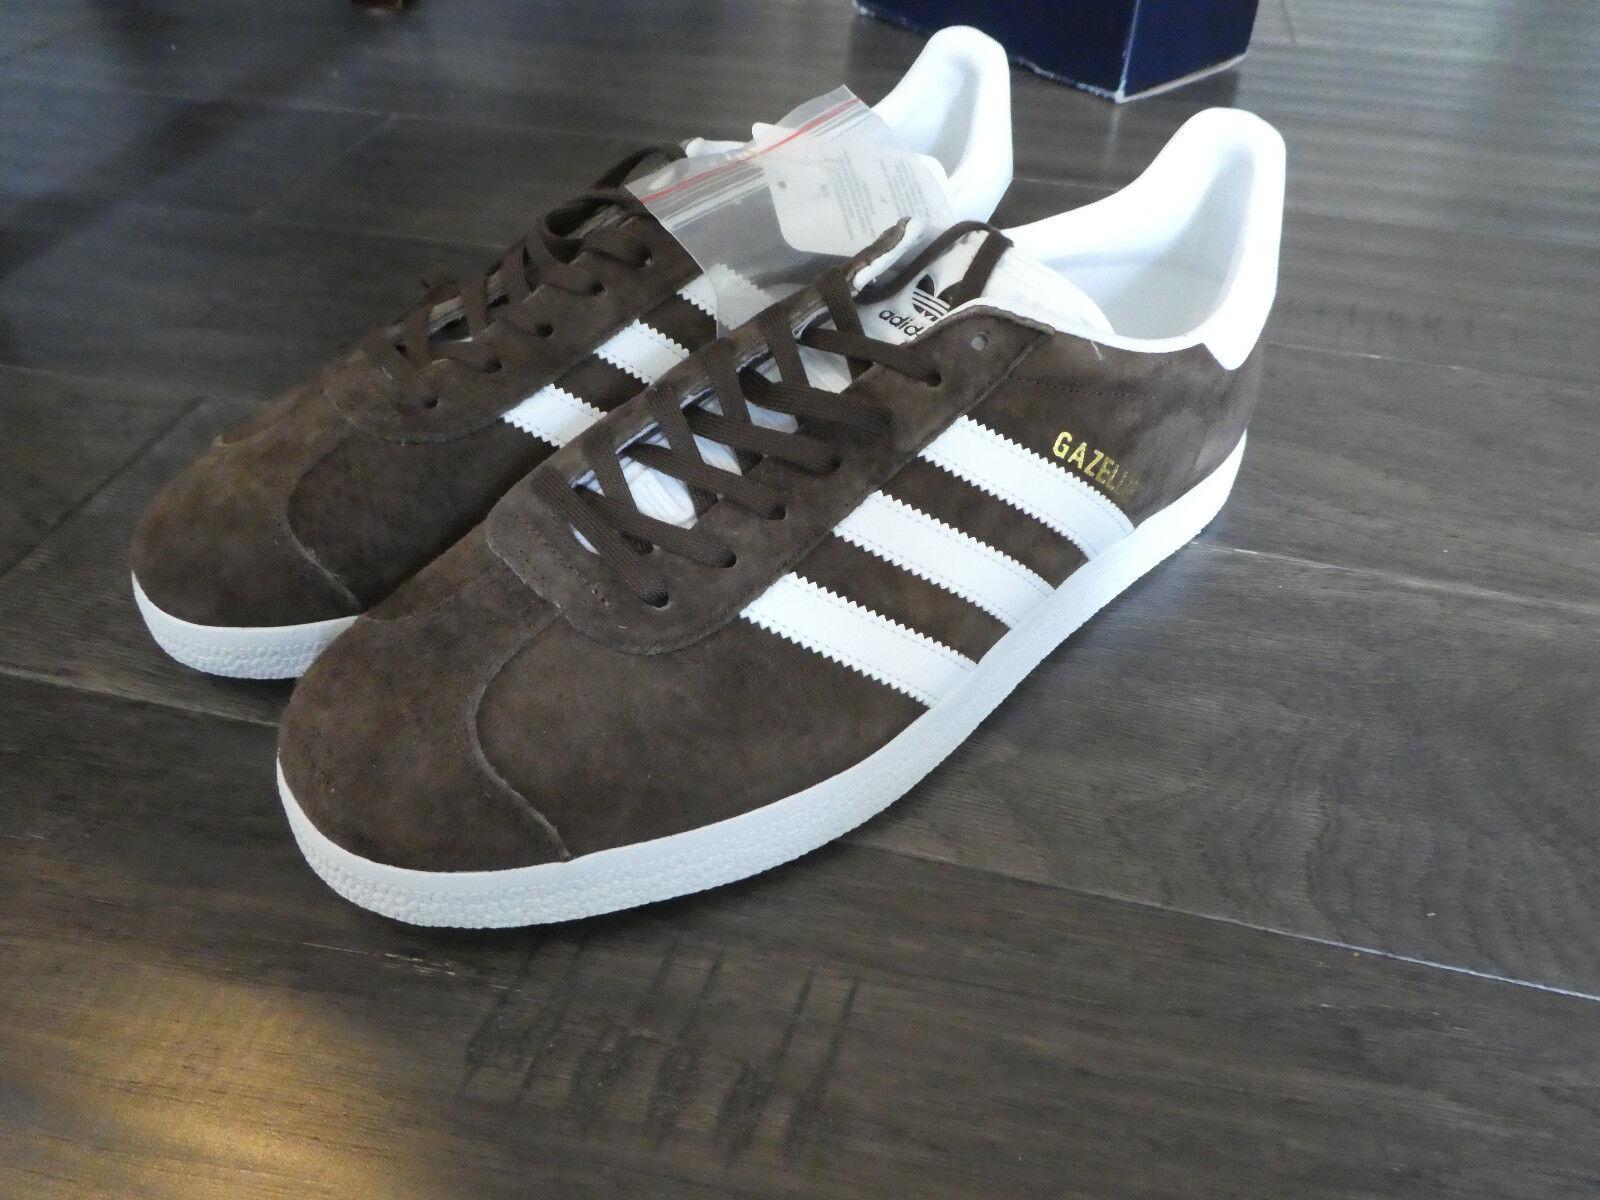 les nouvelles chaussures adidas gazelle bb5254 chaussures en daim daim en marron 4c94b3